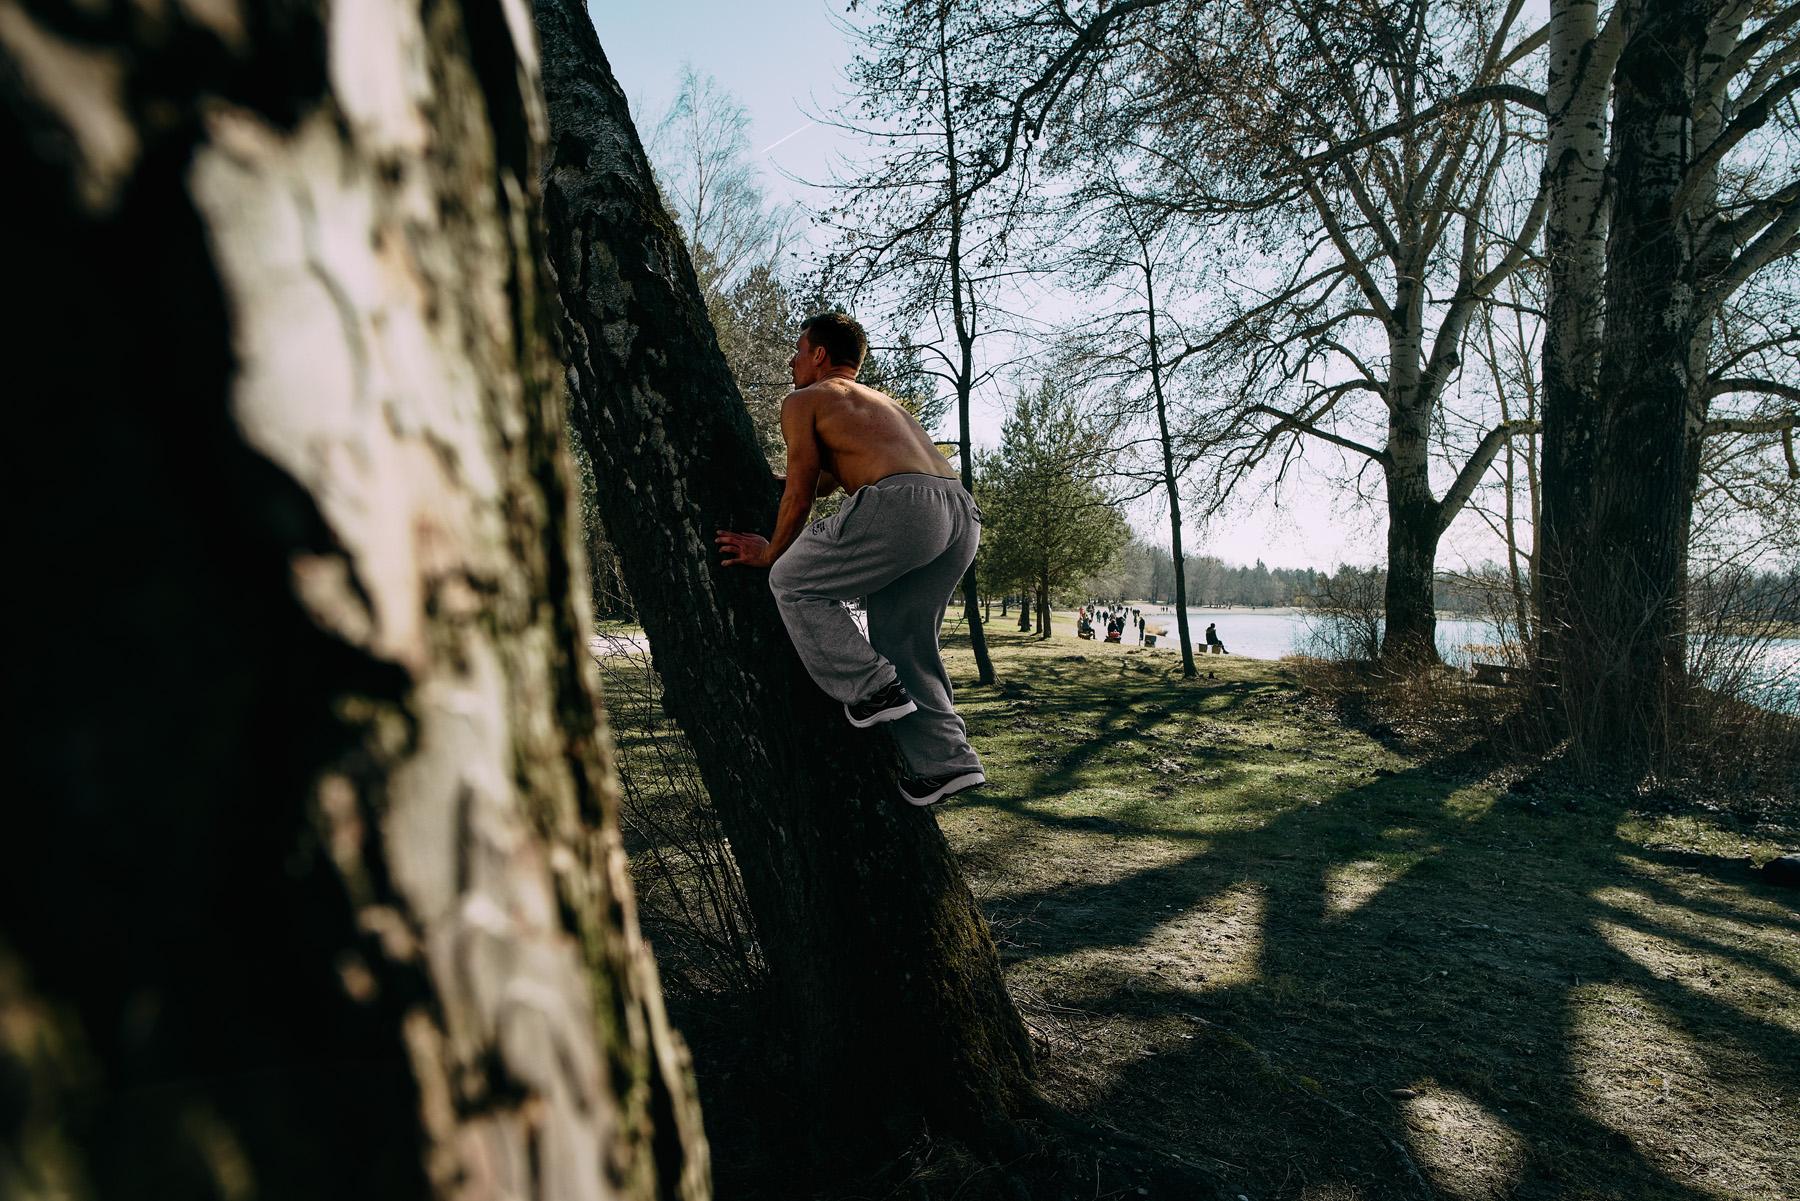 Bastian klettert einen Baum hoch